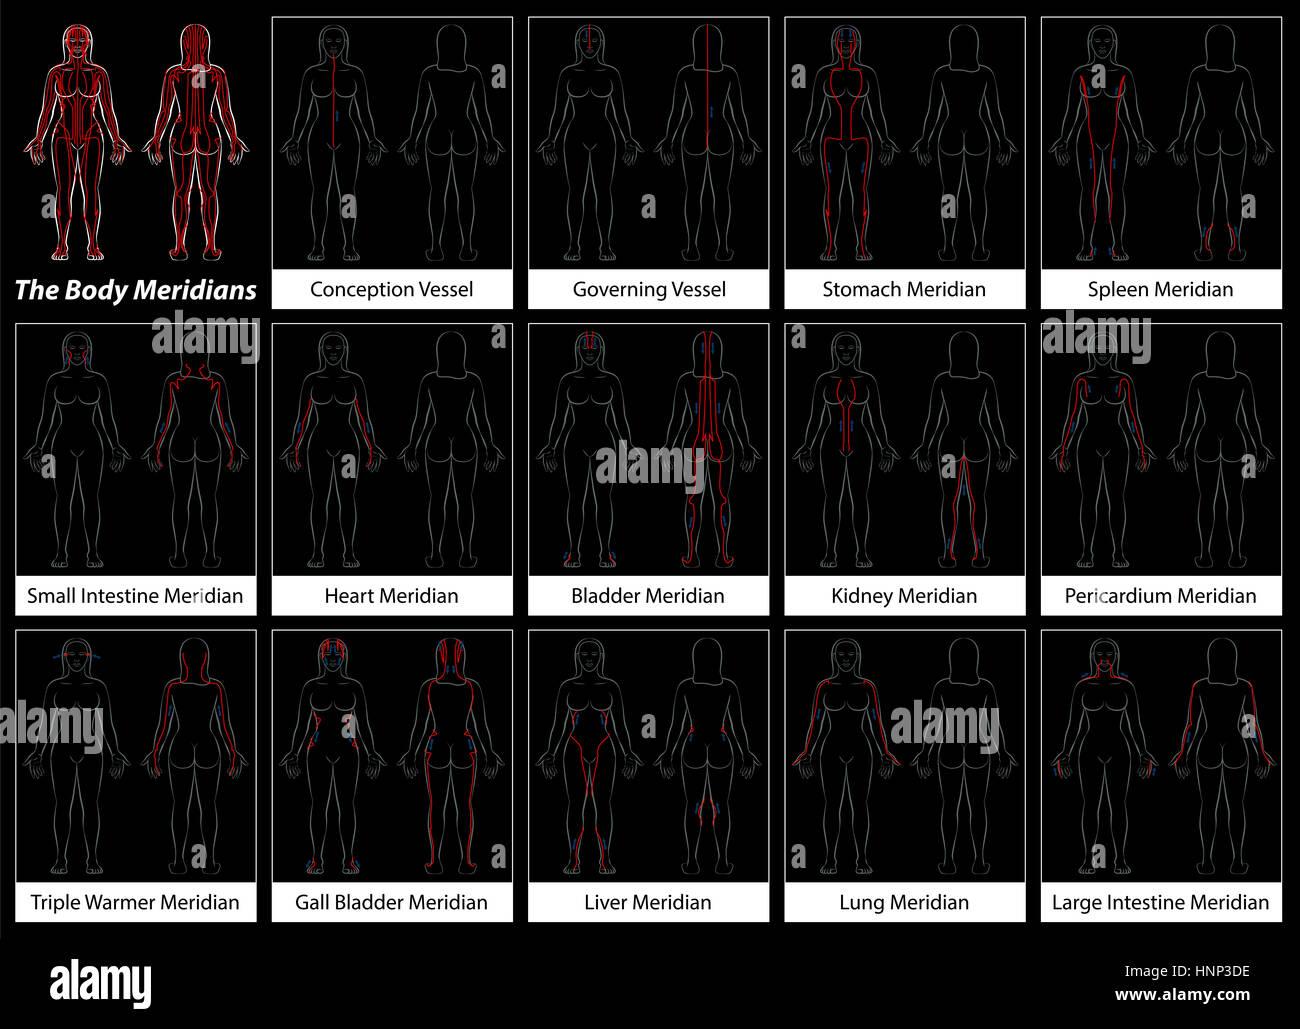 Organs Diagram Imágenes De Stock & Organs Diagram Fotos De Stock - Alamy